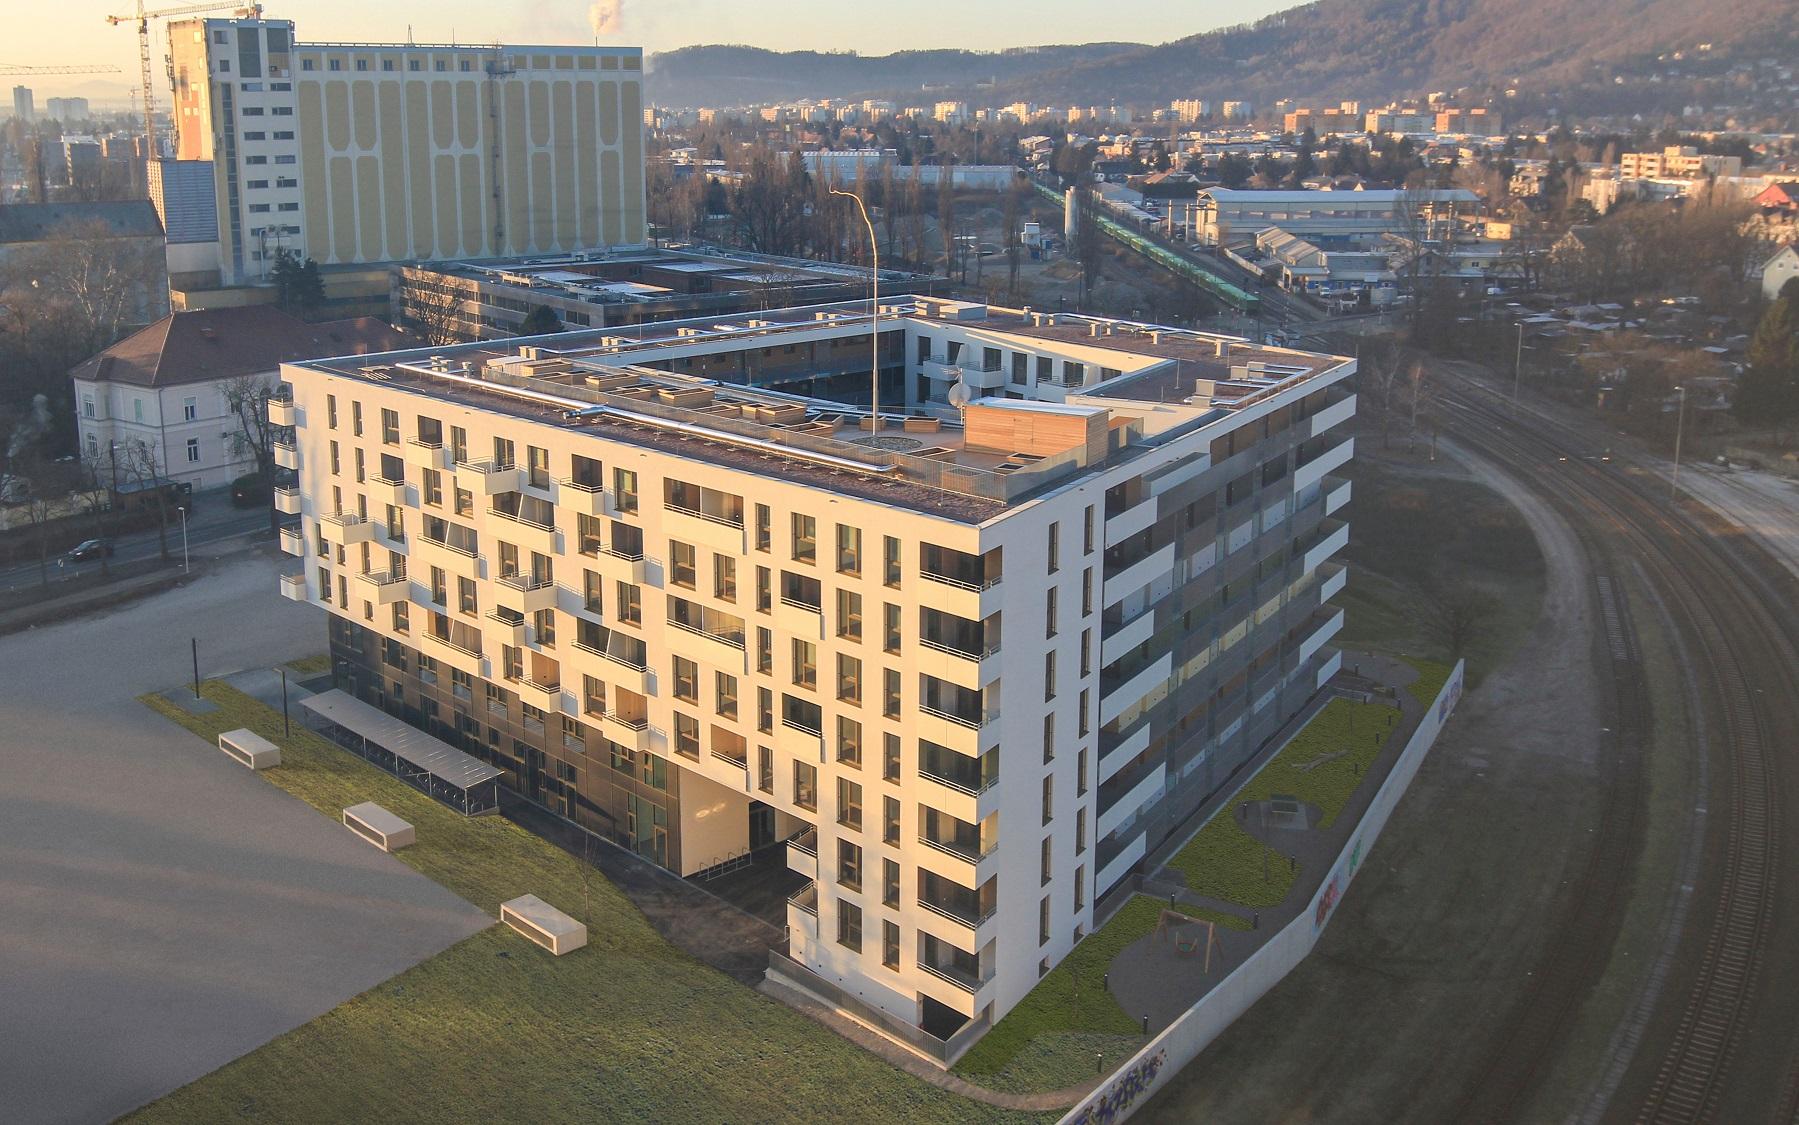 Graz Reininghaus Zehn S-Commerz